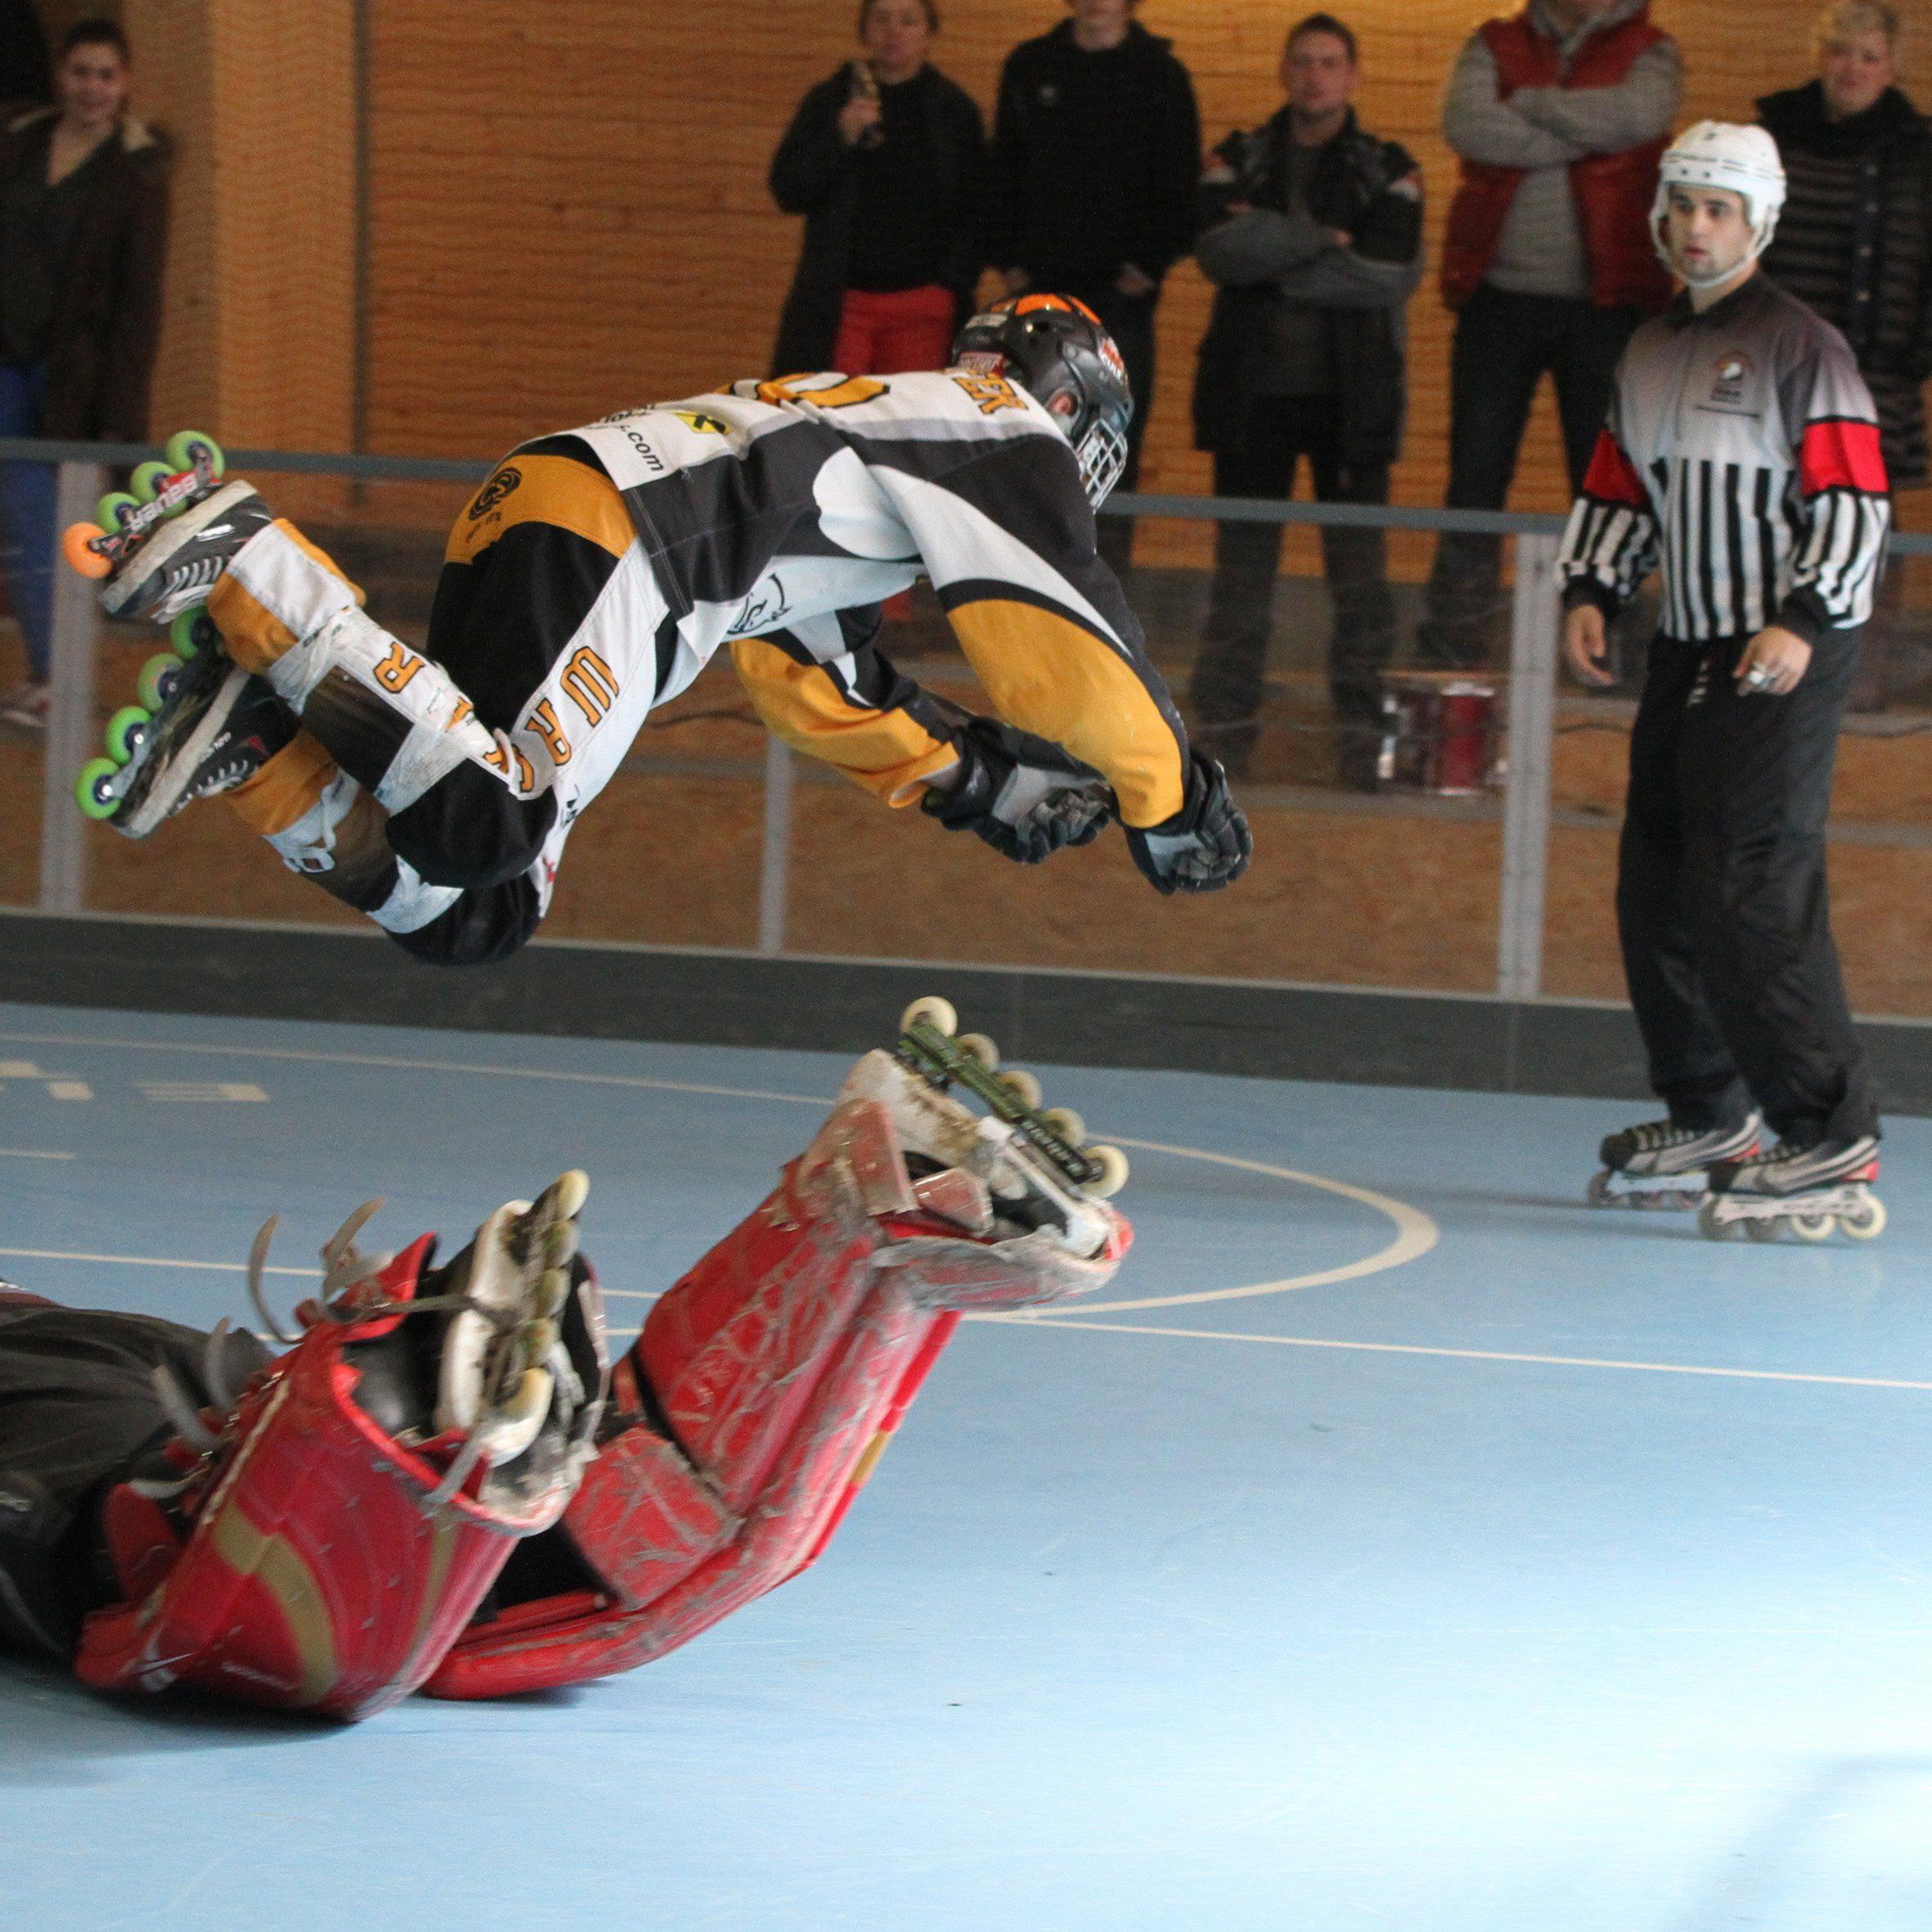 Jede Menge Action beim internationalen Inlinehockey-Turnier in Wolfurt.